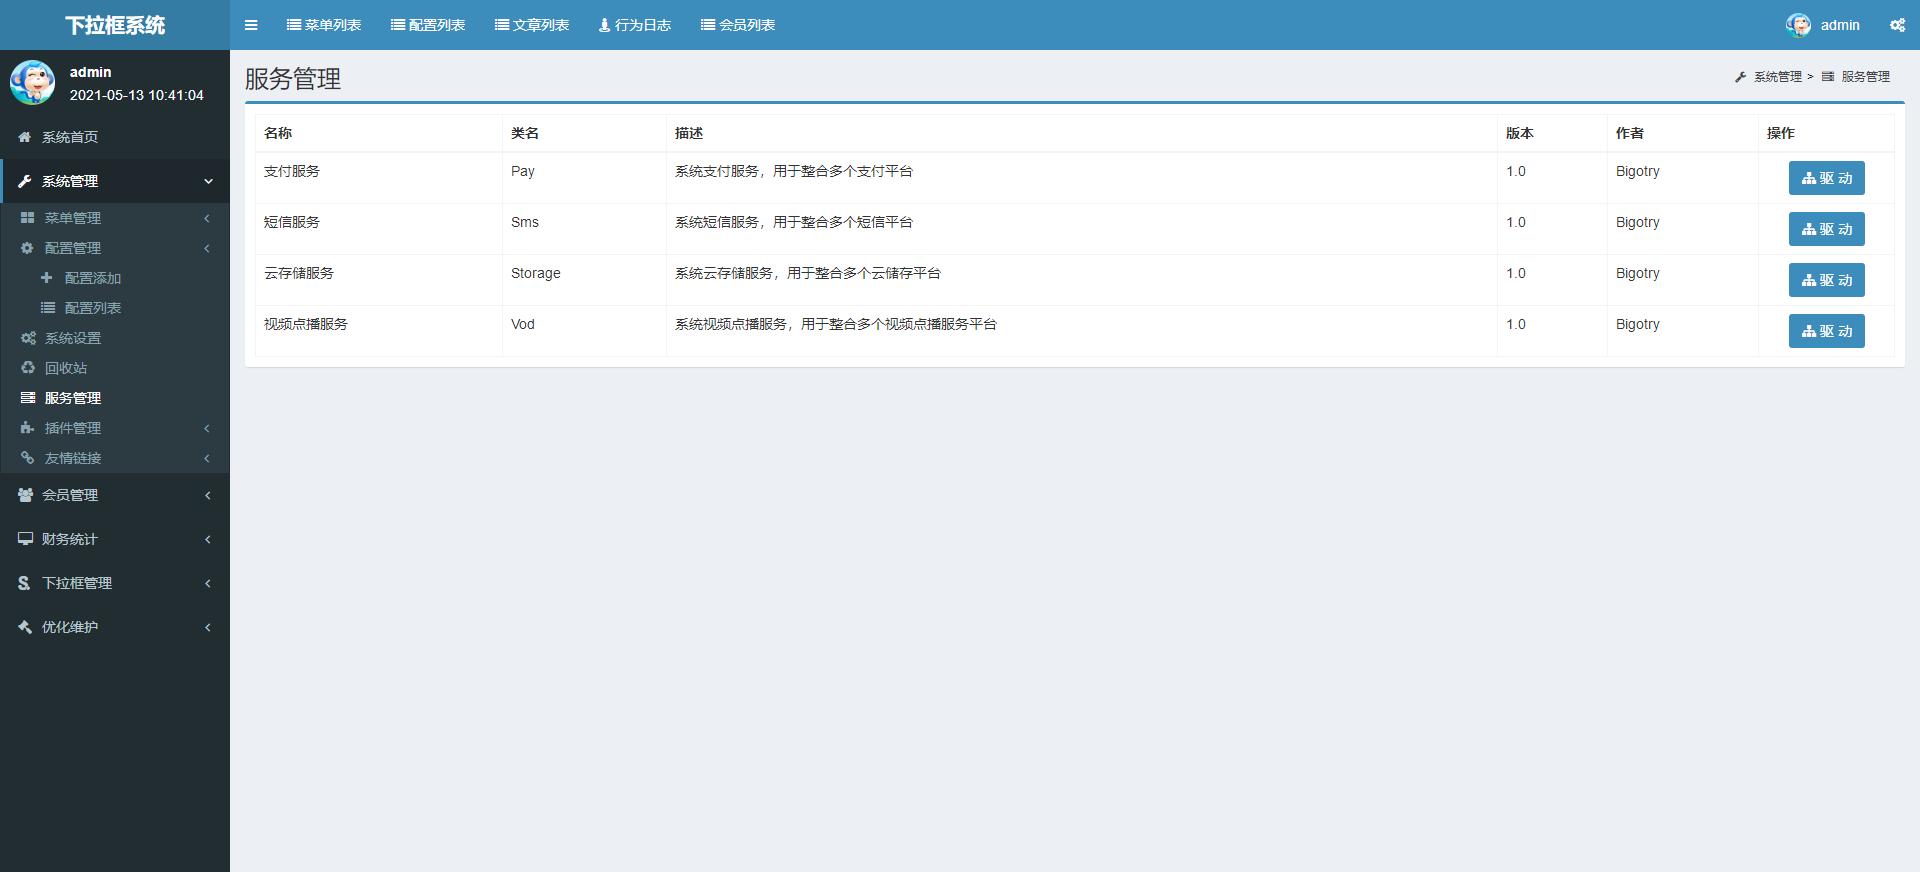 关键字SEO搜索推荐/下拉列表/优化软件/按天扣费系统软件全开源系统插图3